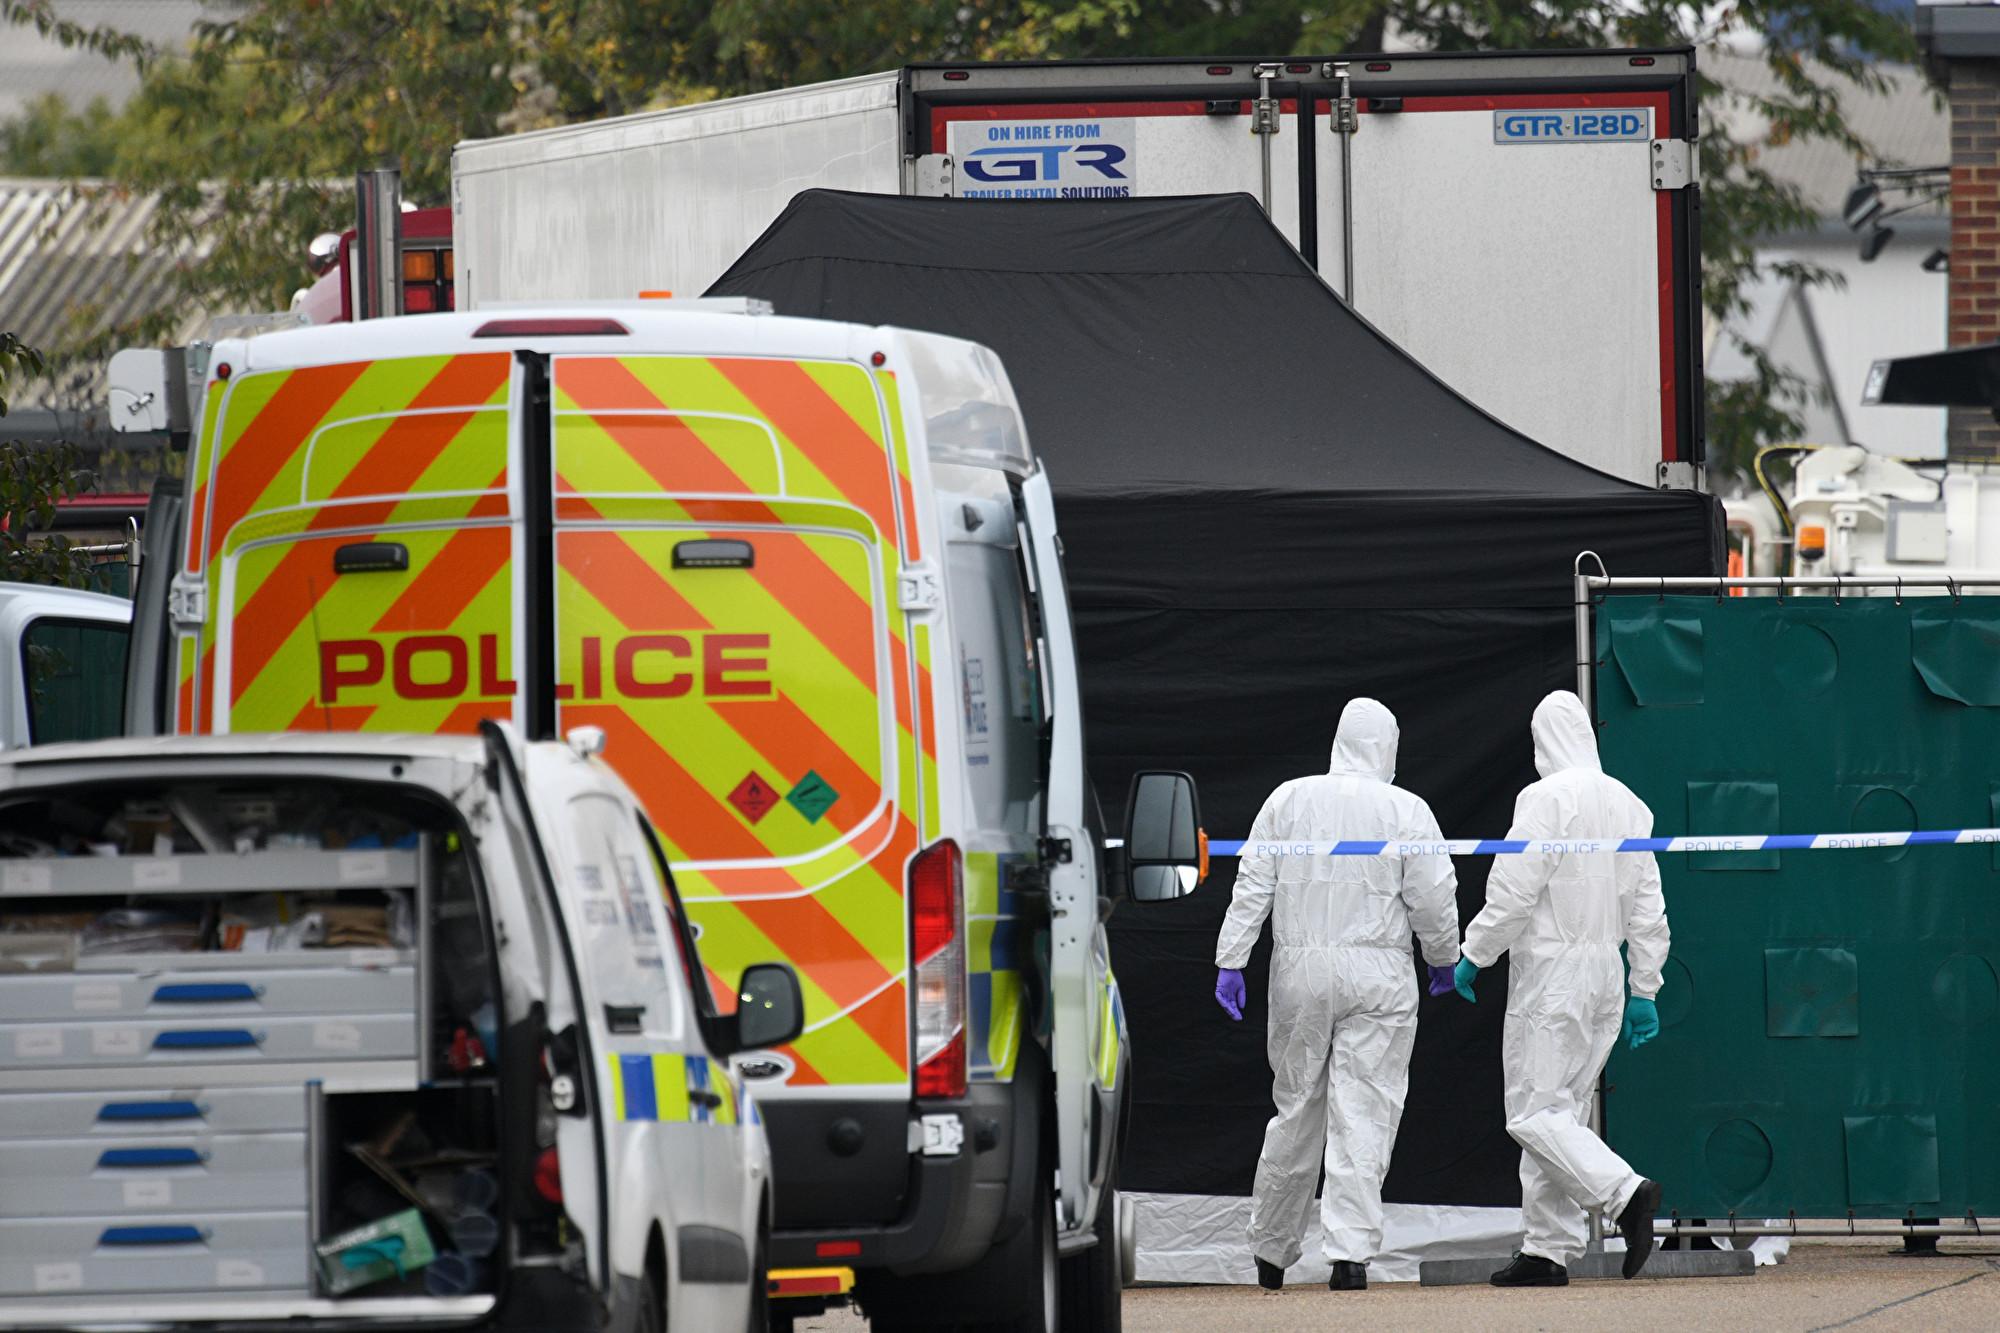 周三,英國埃塞克斯郡一輛貨車中發現39具遺體。周四(10月24日),當局表示死者均為中國人,包括38名成年人和一名少年。(Leon Neal/Getty Images)